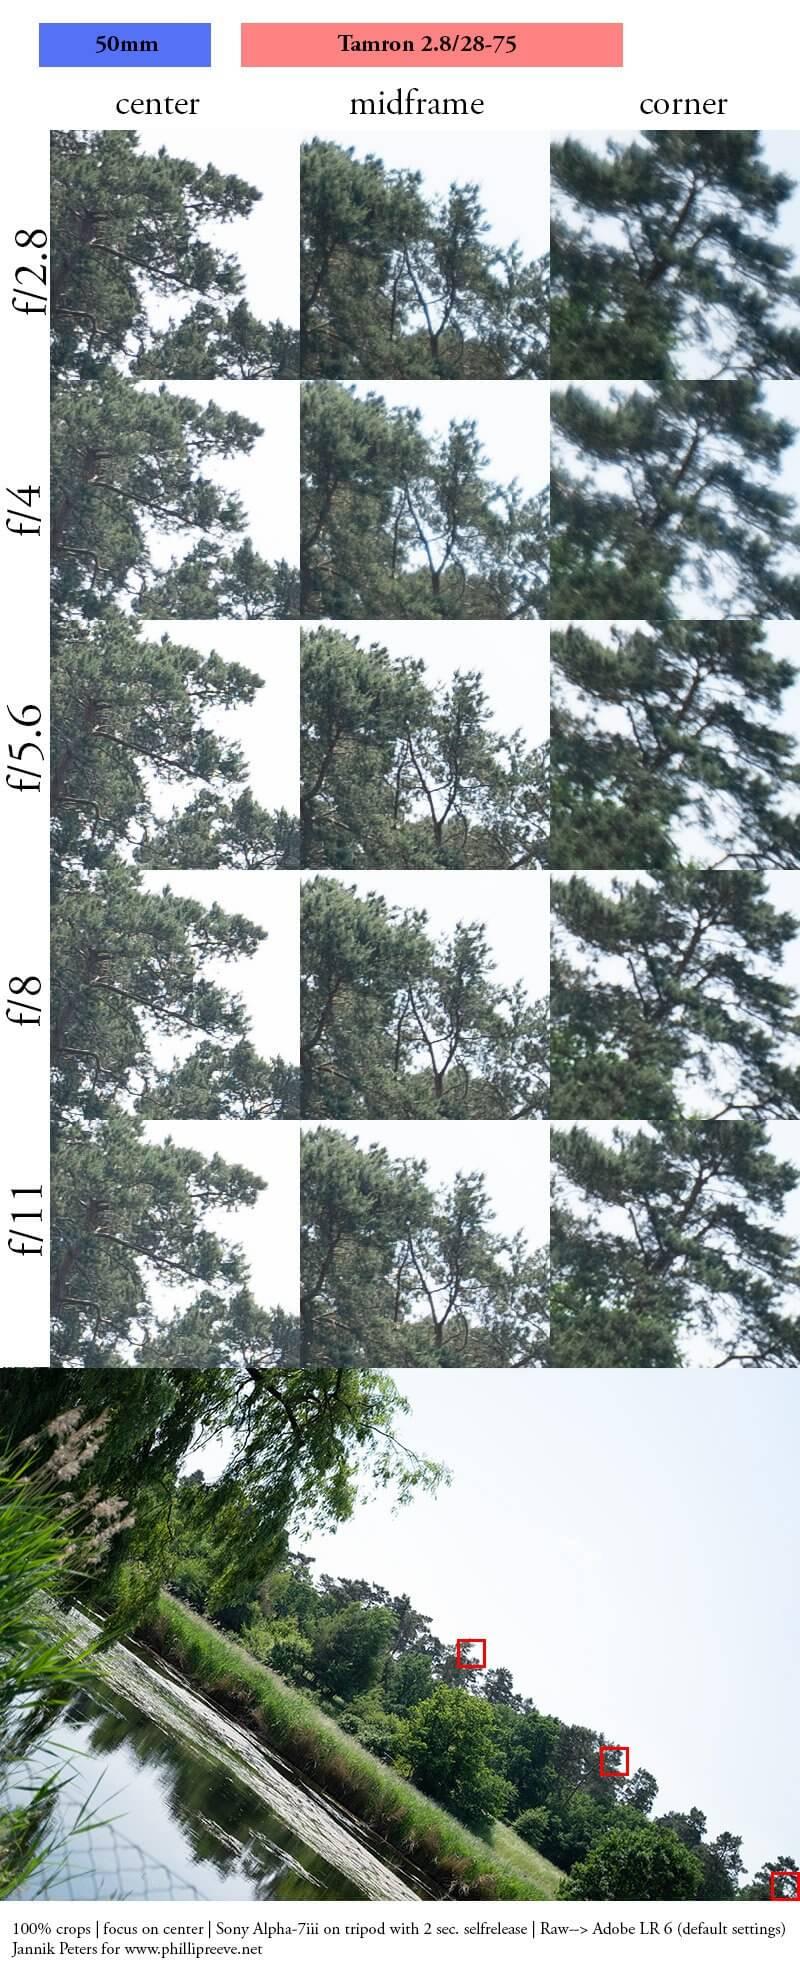 รีวิว Tamron 28 75mm F2 8 DI III RXD For Sony FE ความคมที่ 50mm